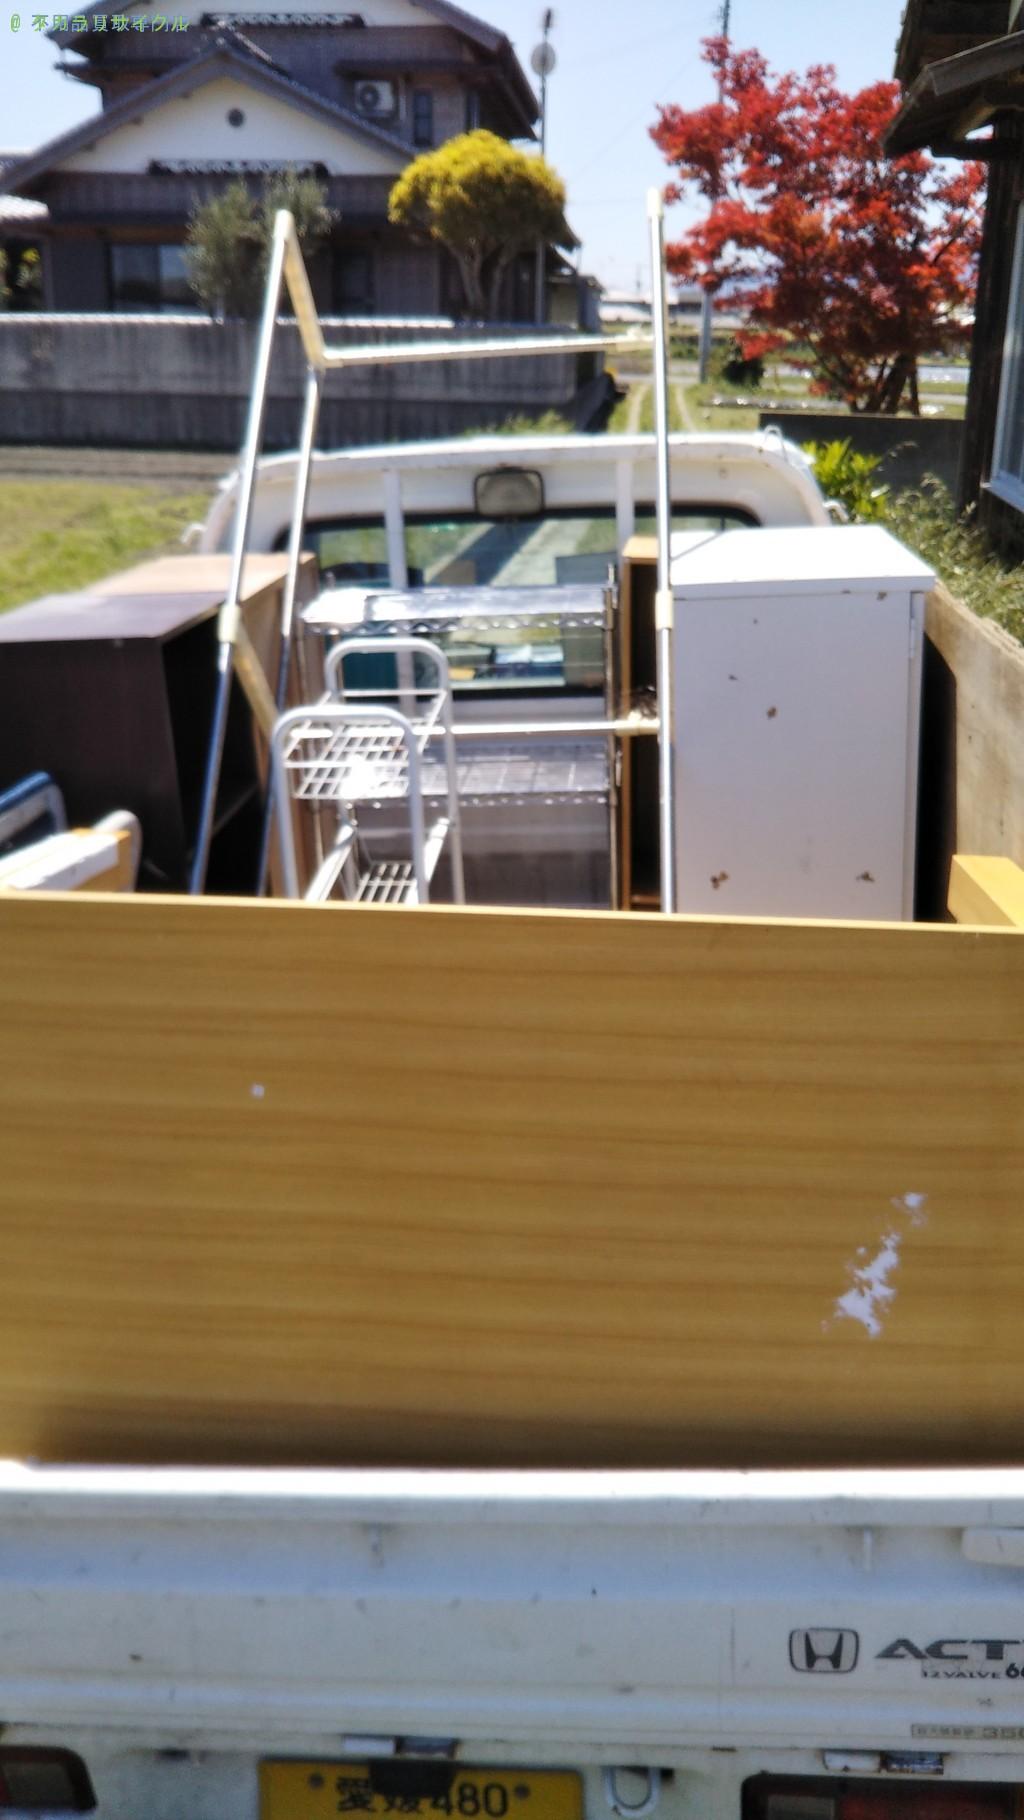 【西条市玉之江】カラーボックスほか不用品の処分・回収のご依頼者さま